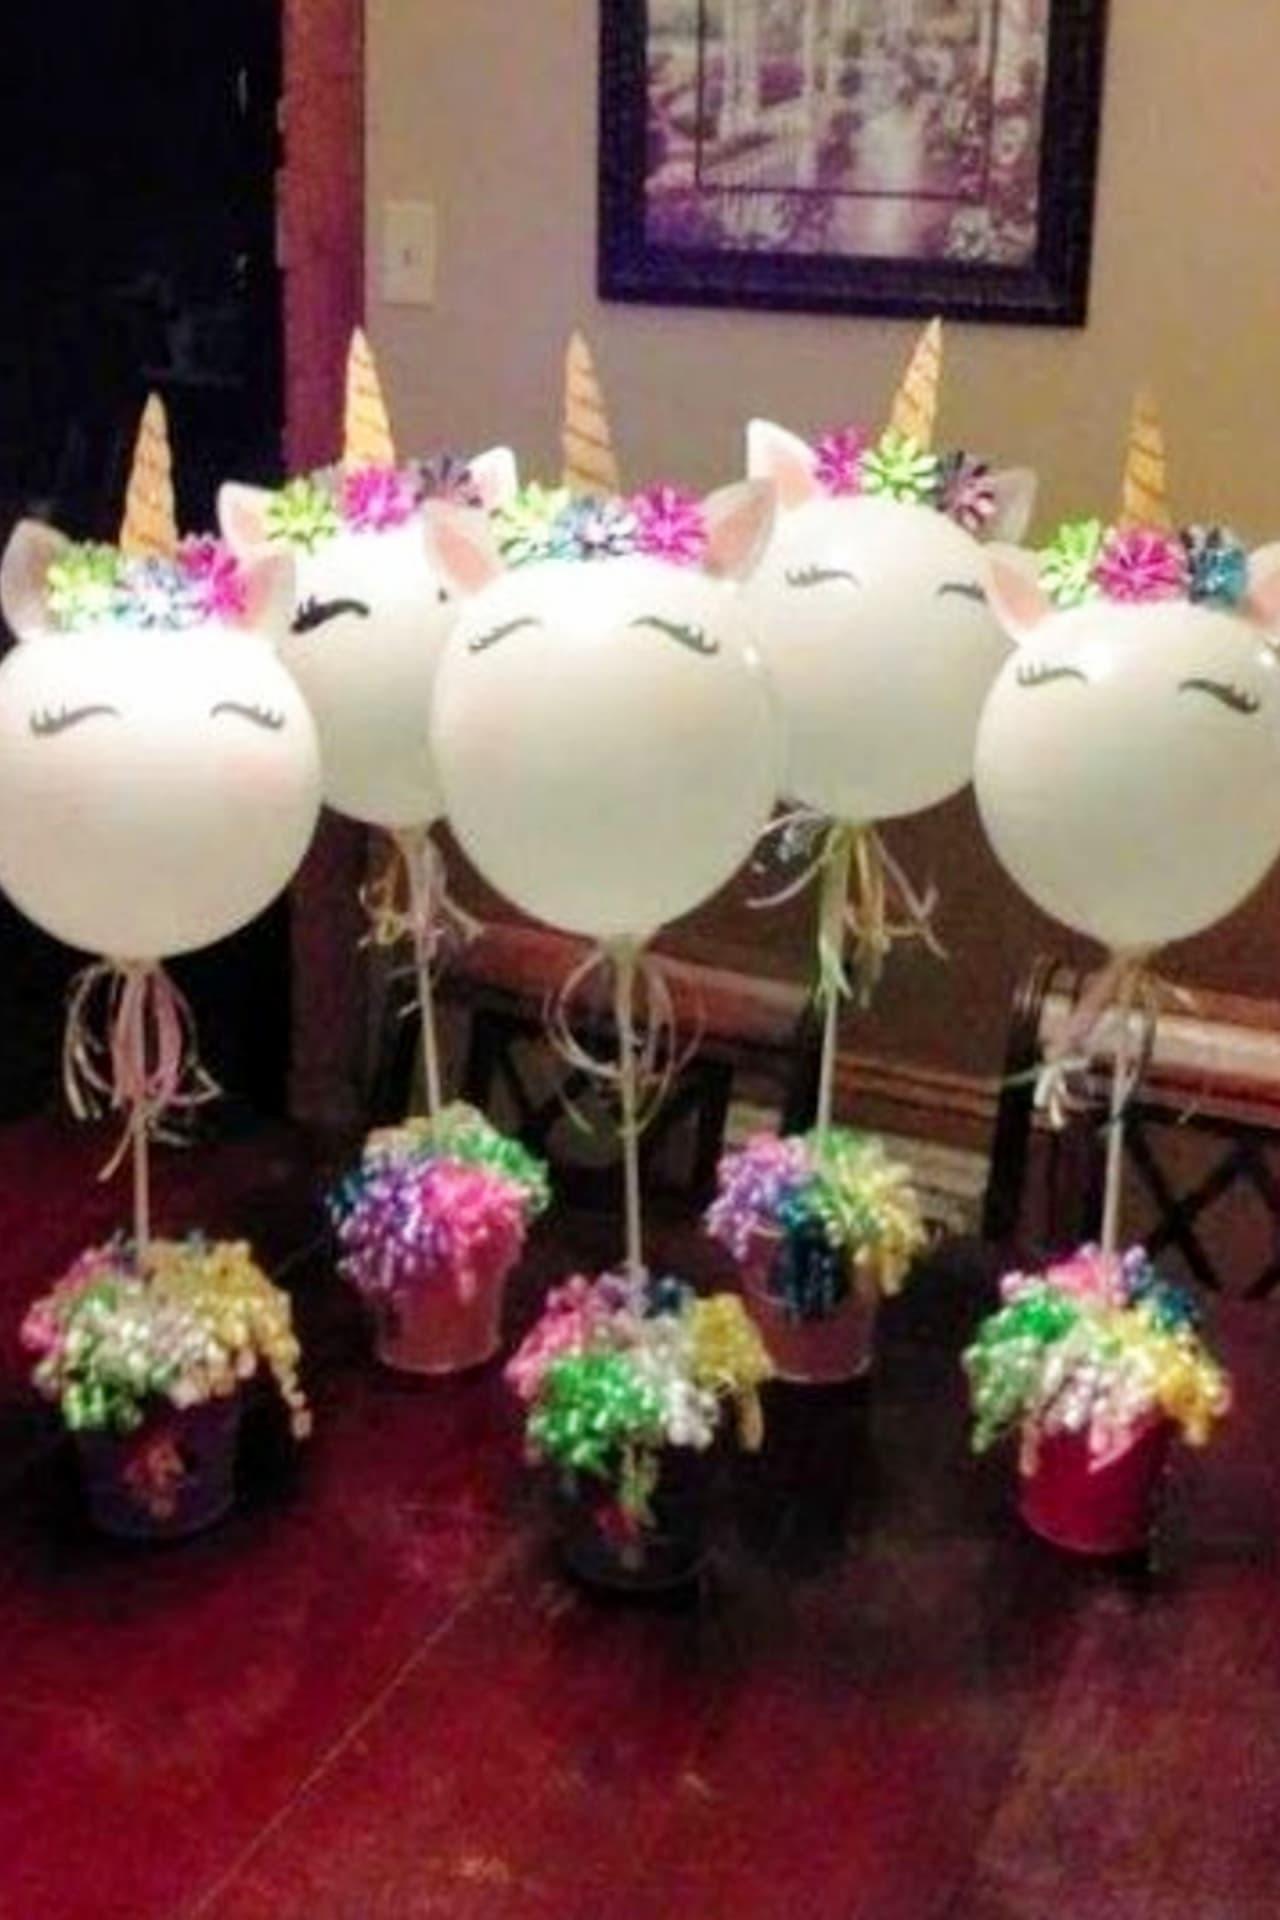 Diy Unicorn Birthday Party Ideas  Unicorn Crafts for Kids Cute & Easy DIY Unicorn Craft